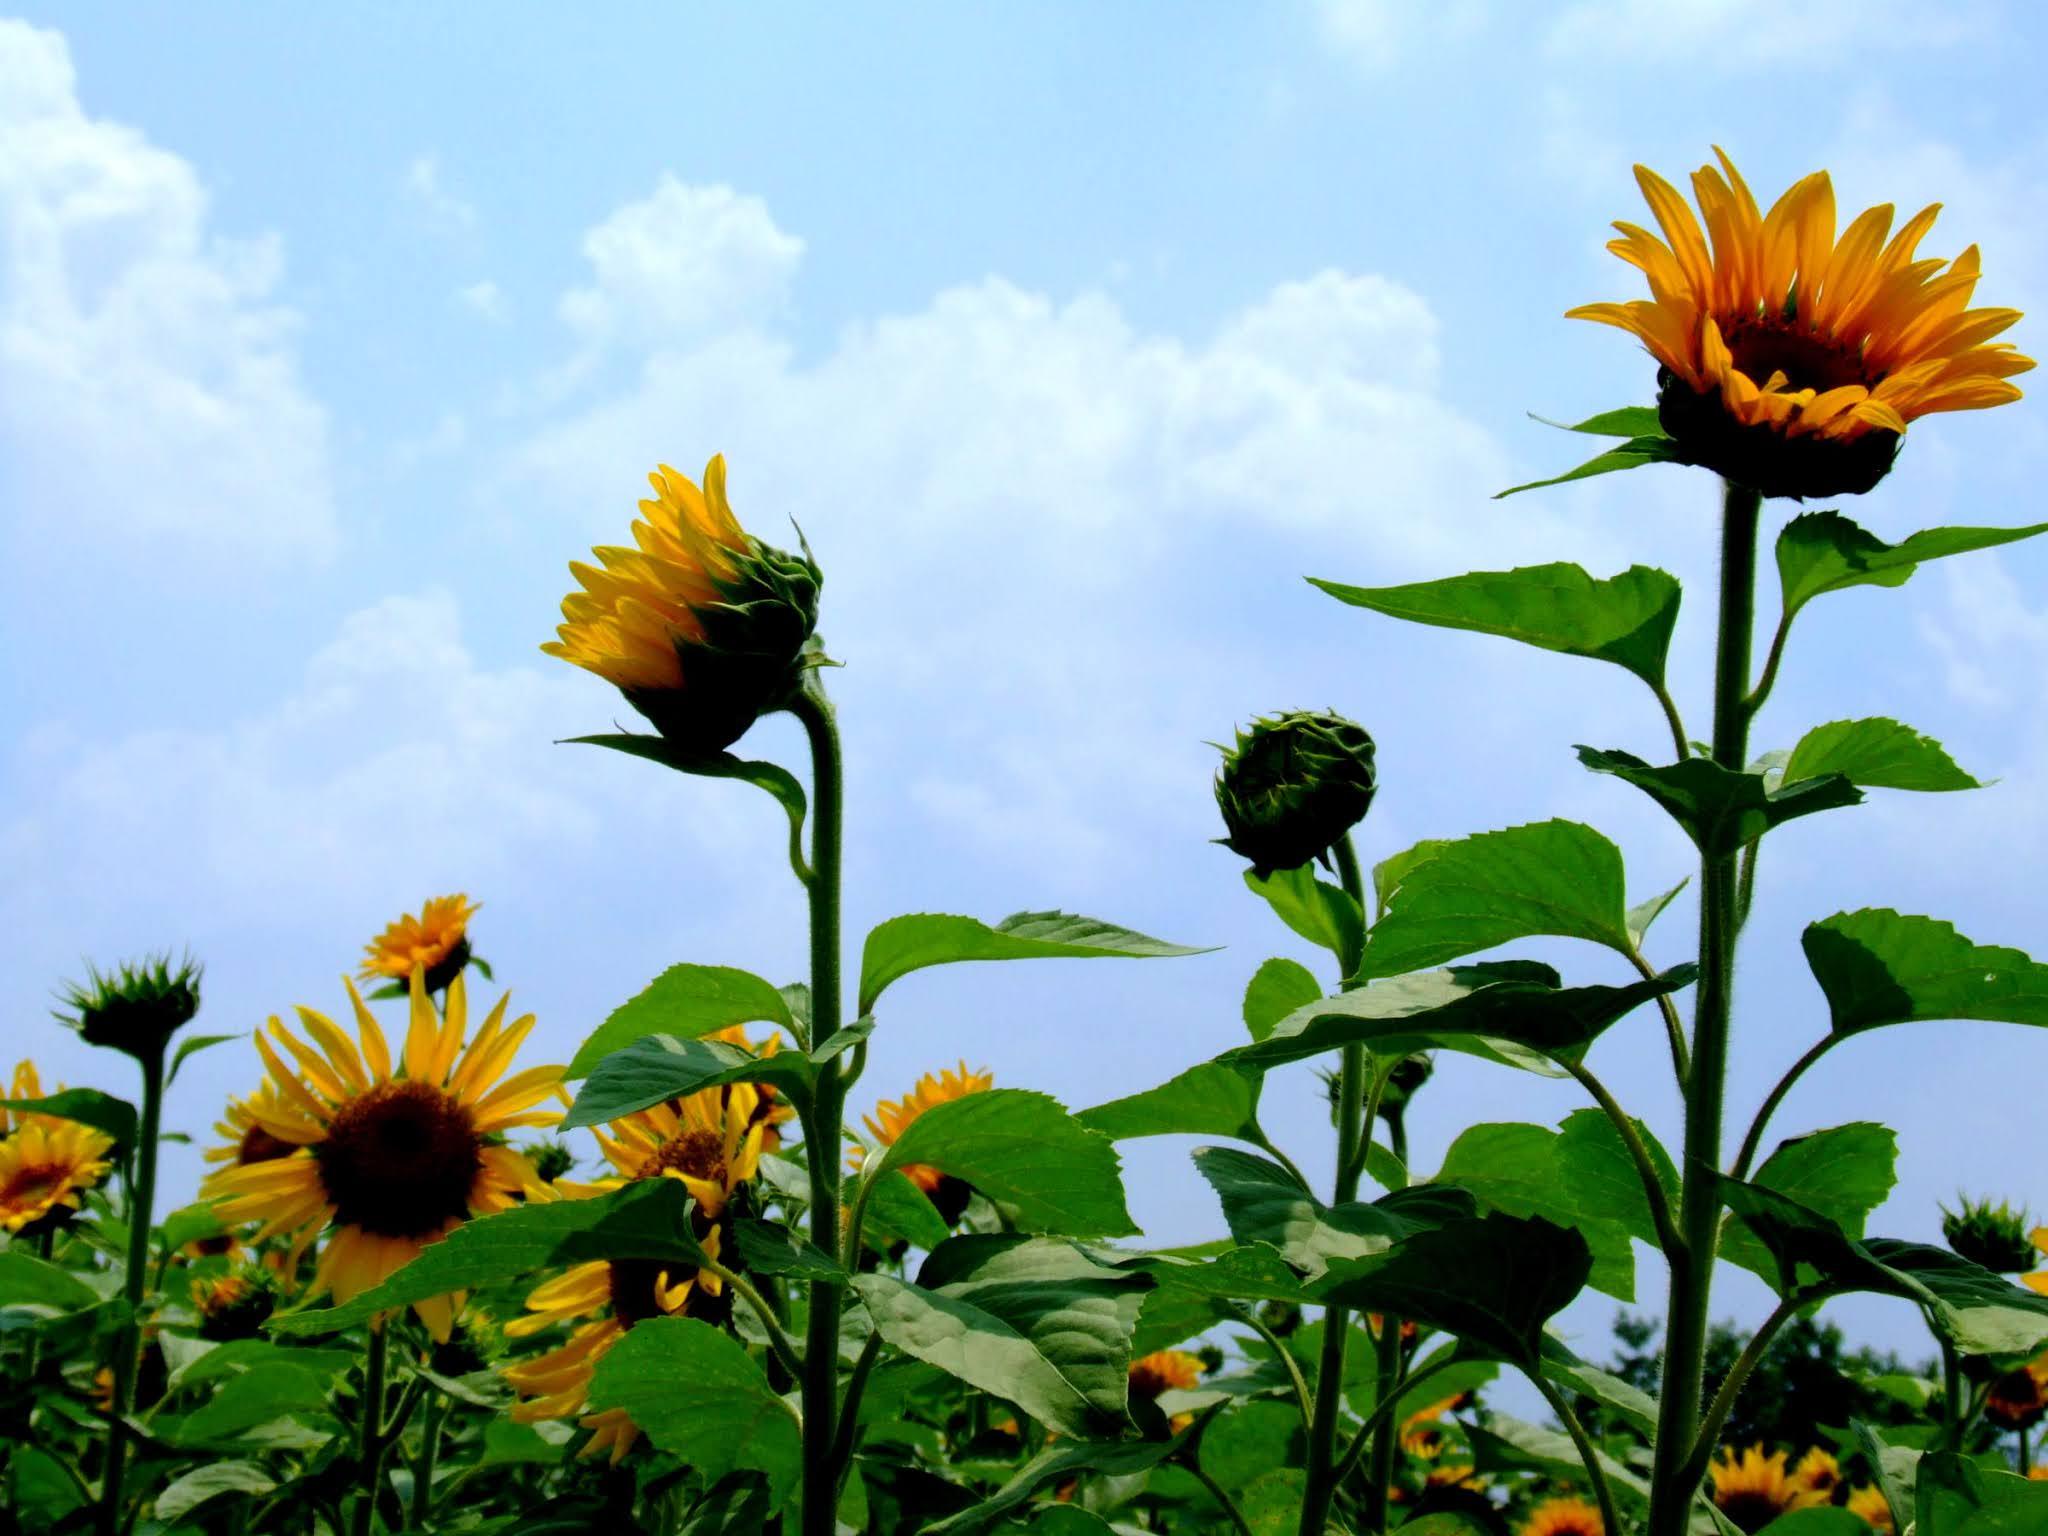 青空 黄色い向日葵(ヒマワリ)